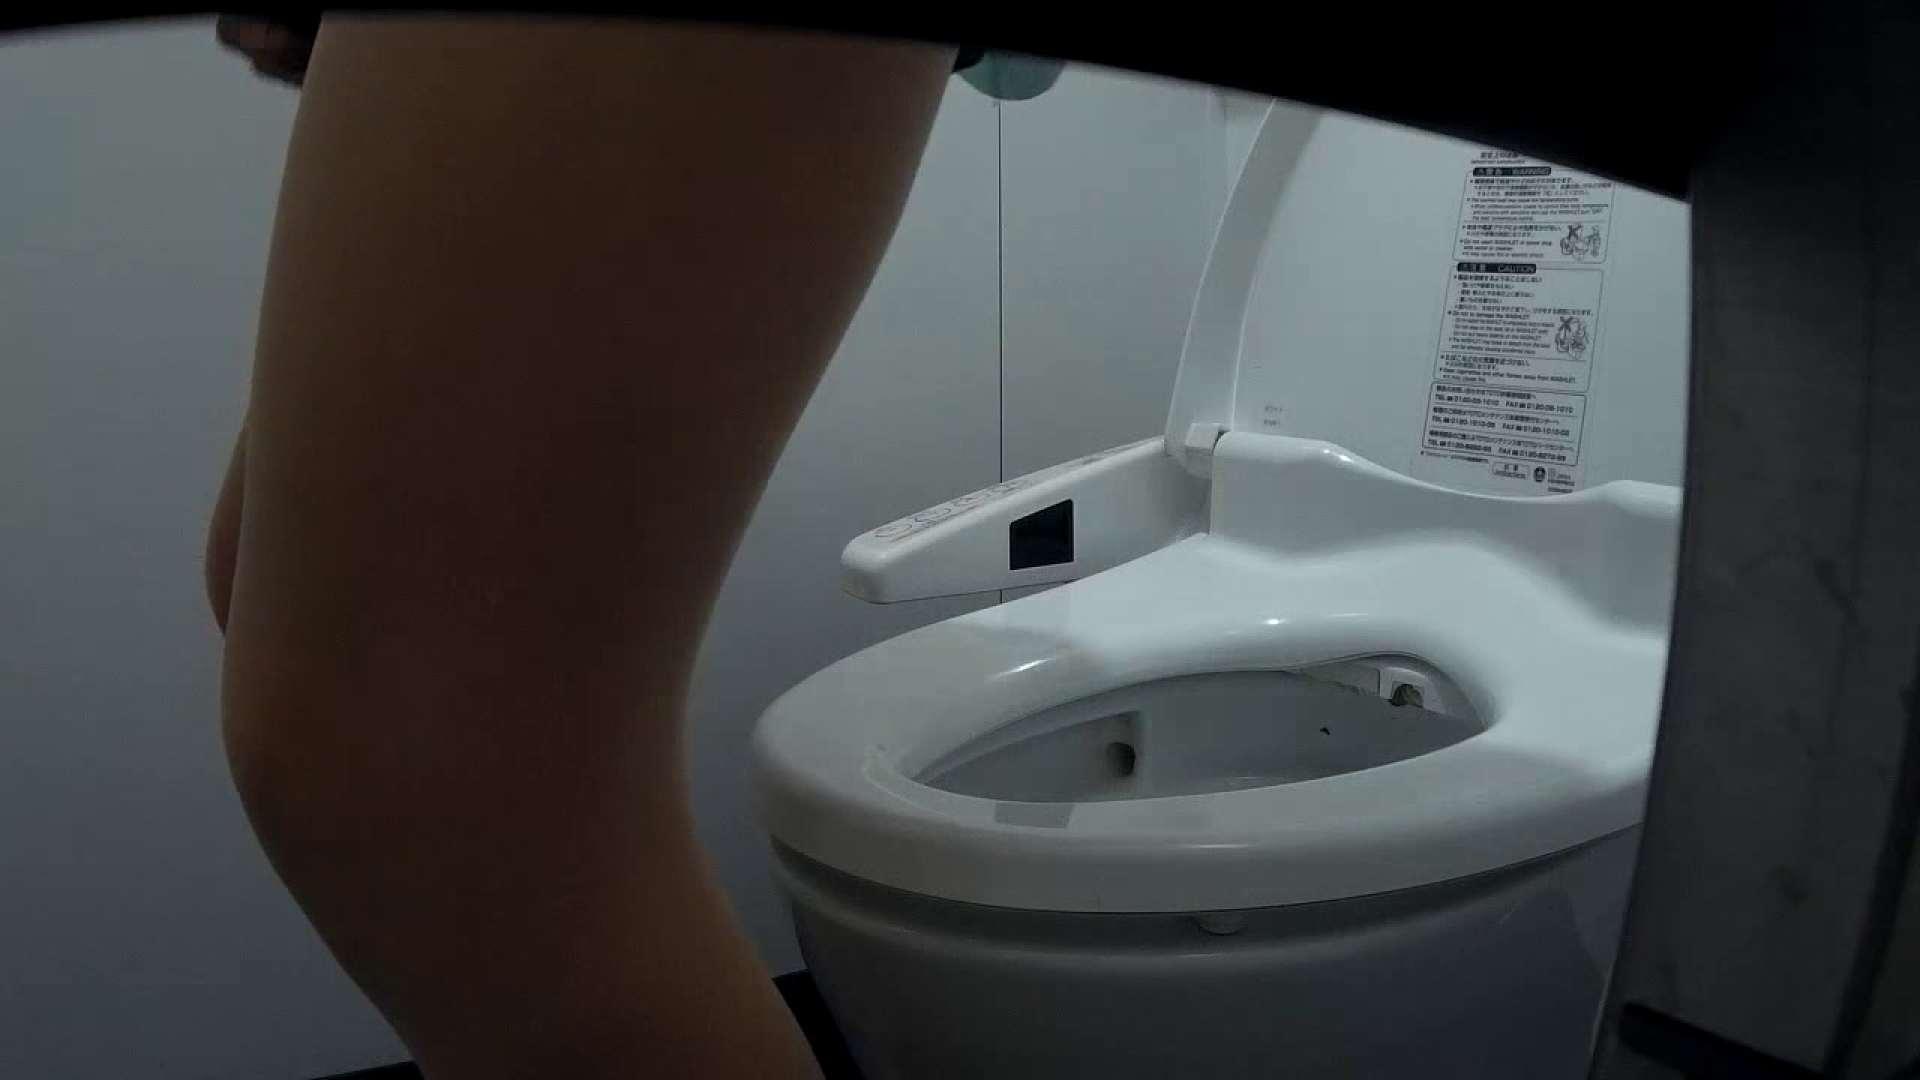 某有名大学女性洗面所 vol.34 今回は、2カメでばっちりいっちゃいました。 投稿 SEX無修正画像 83枚 34